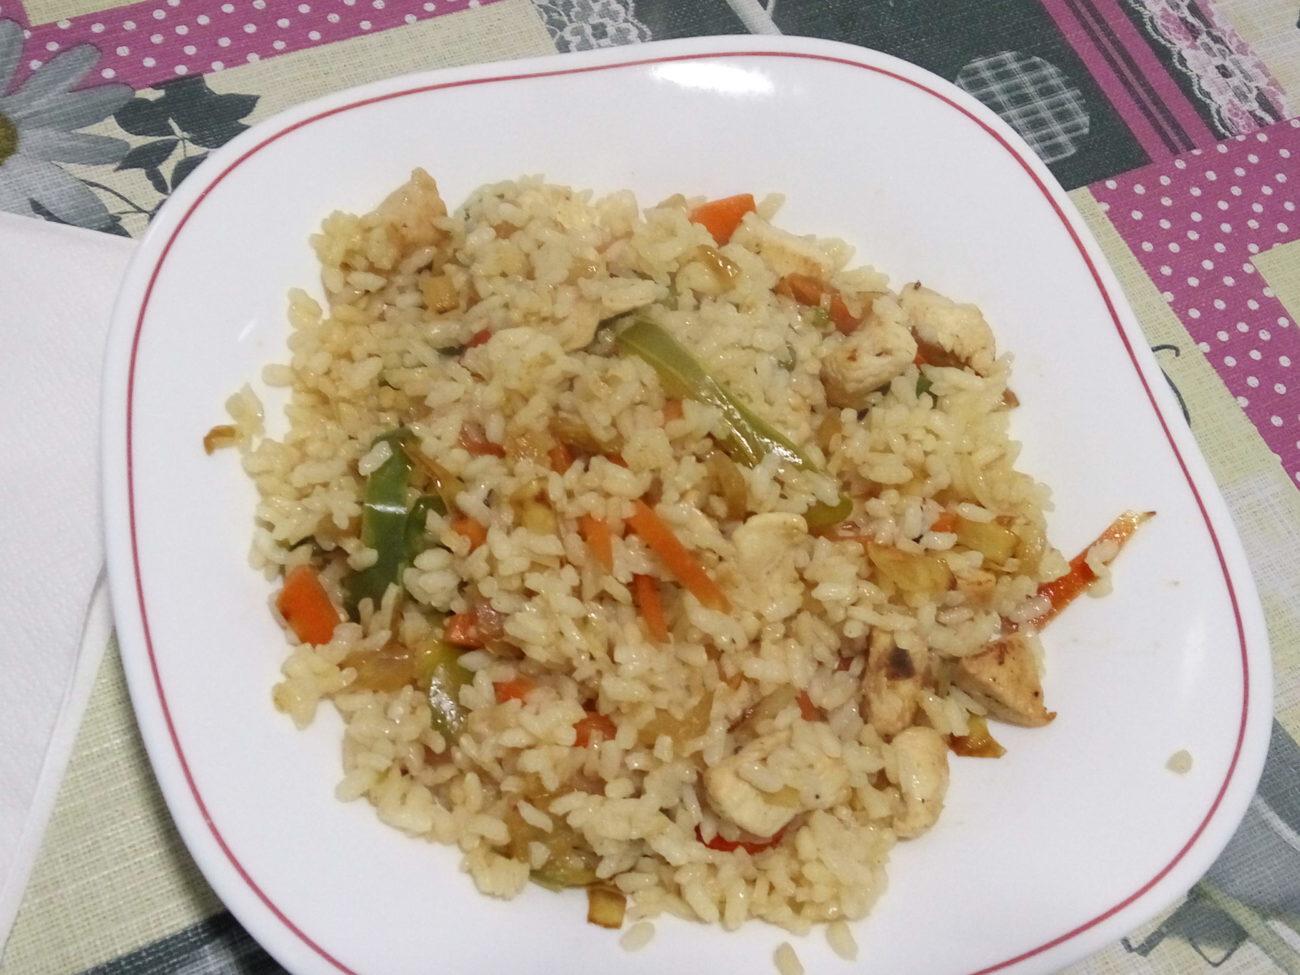 arroz blanco con pollo sin gluten la cocina sin gluten